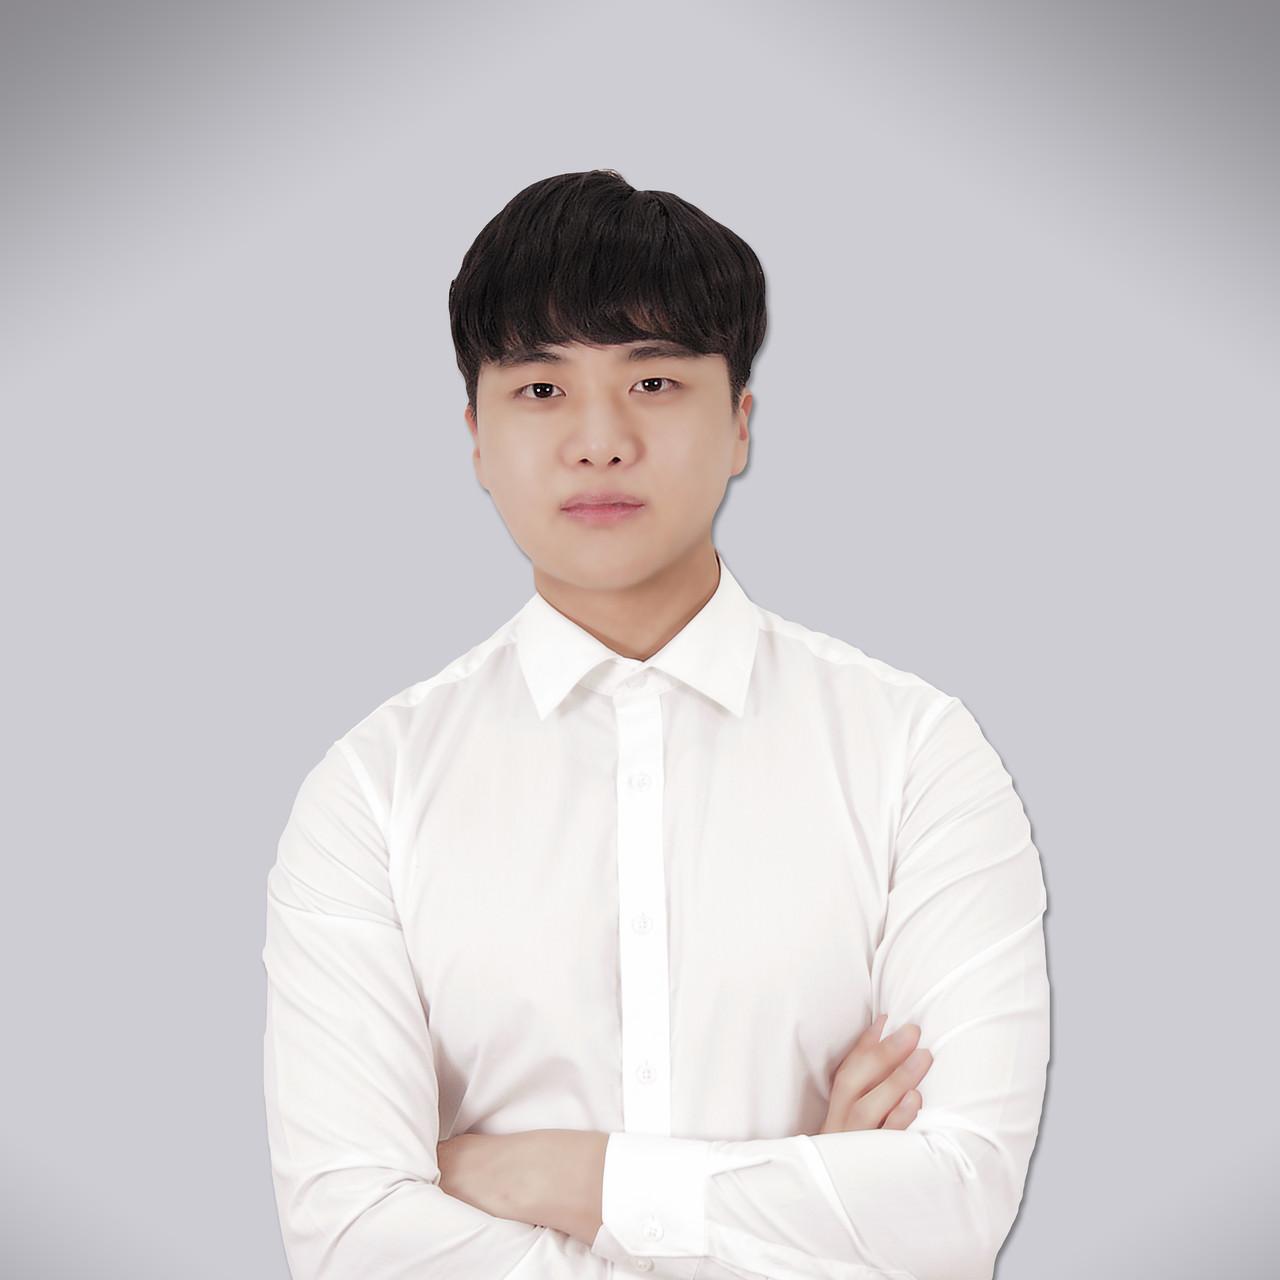 보컬 레슨 트레이너 김양호 보이스큐어 보컬 스튜디오